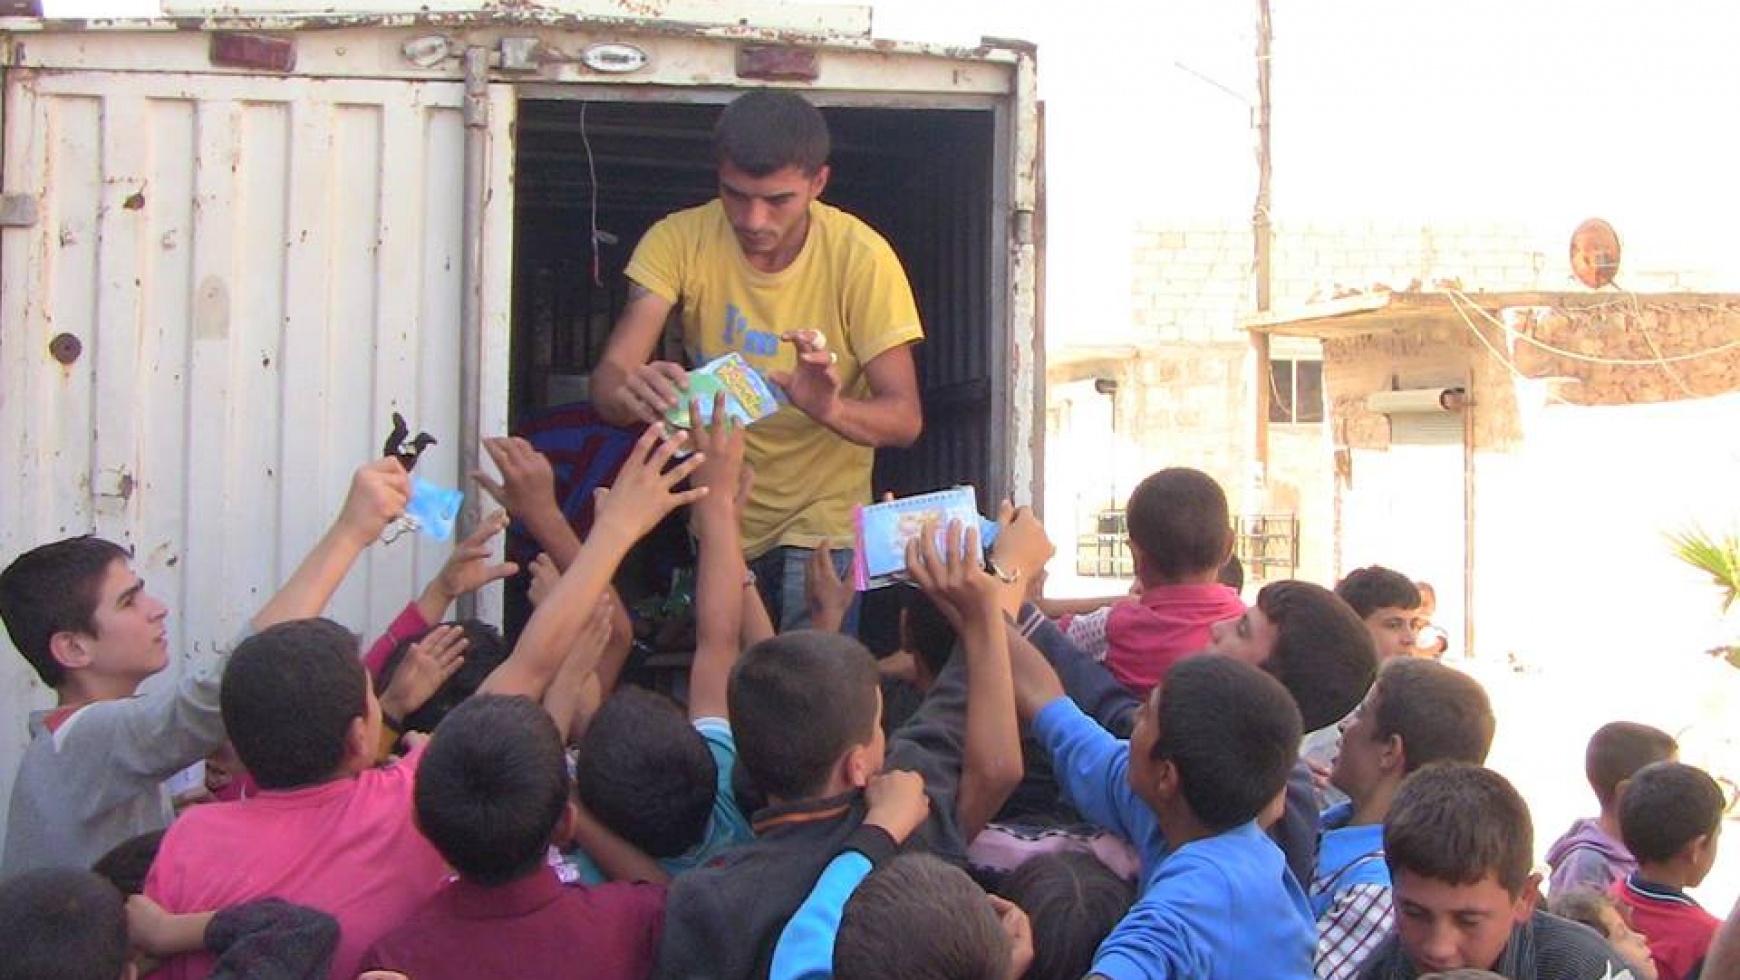 Spielsachen für die Kinder in Syrien